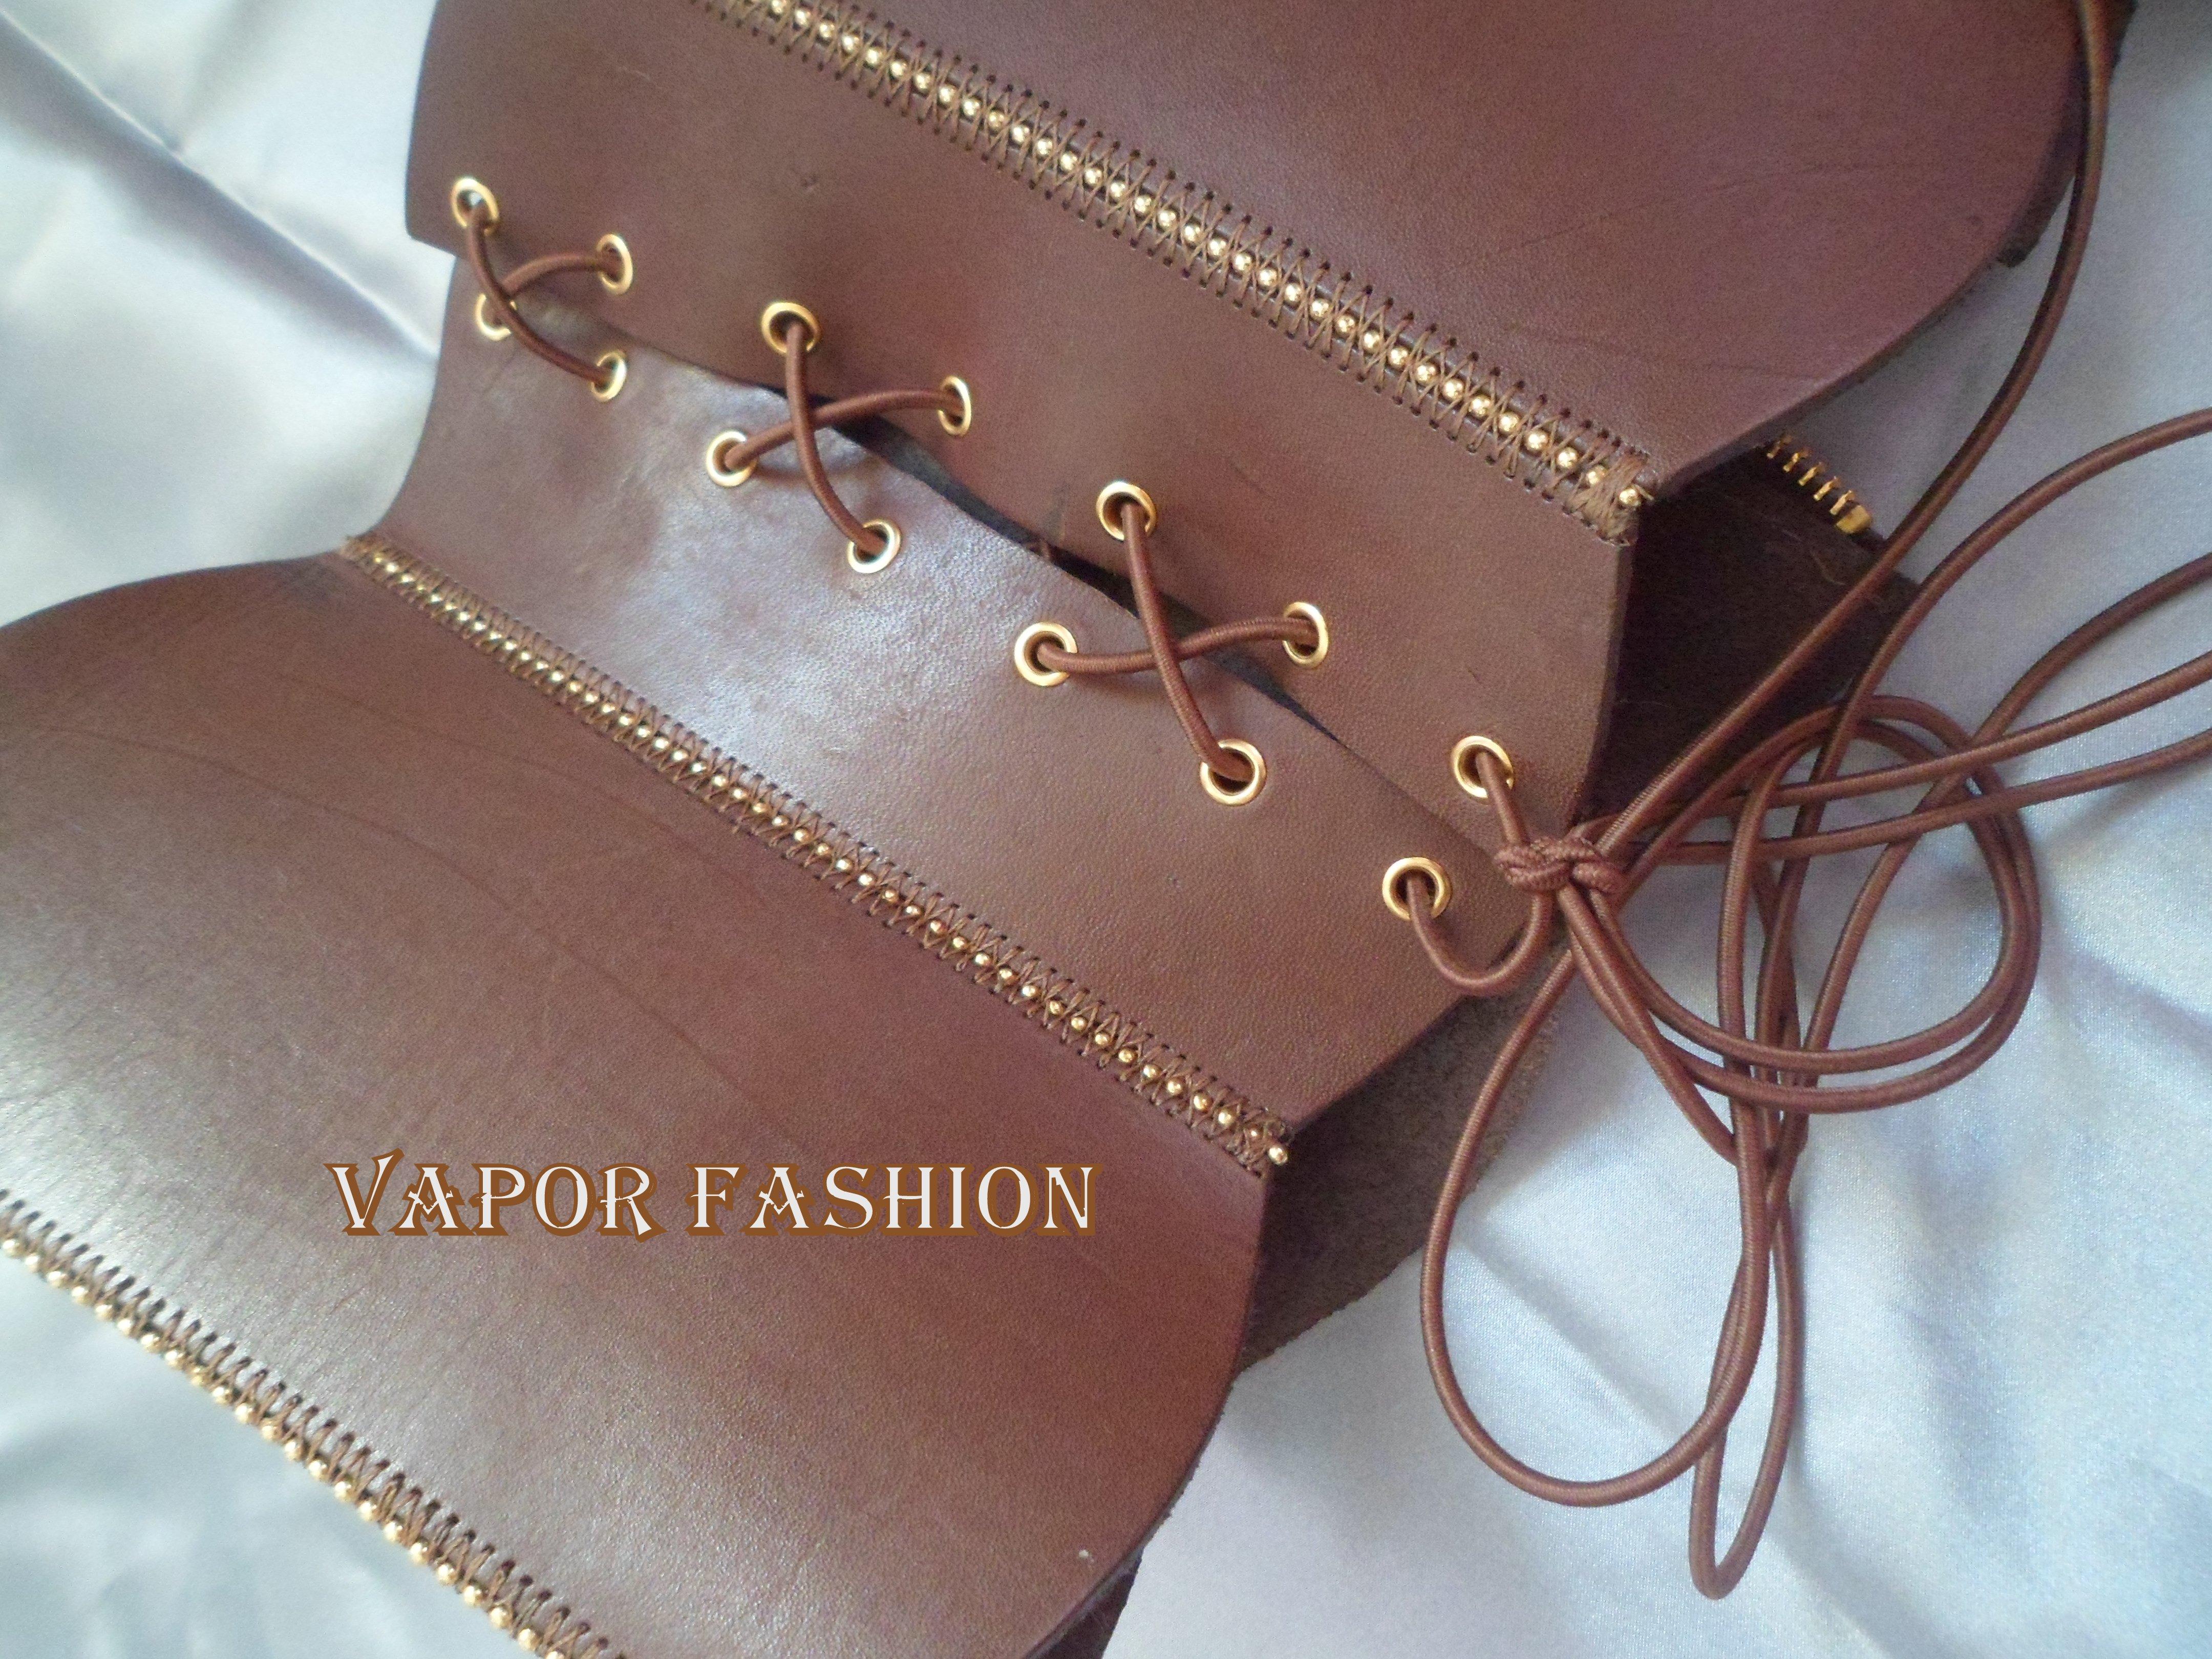 c96ad76e591a28 Cinto corselet de couro – Roupa de banho